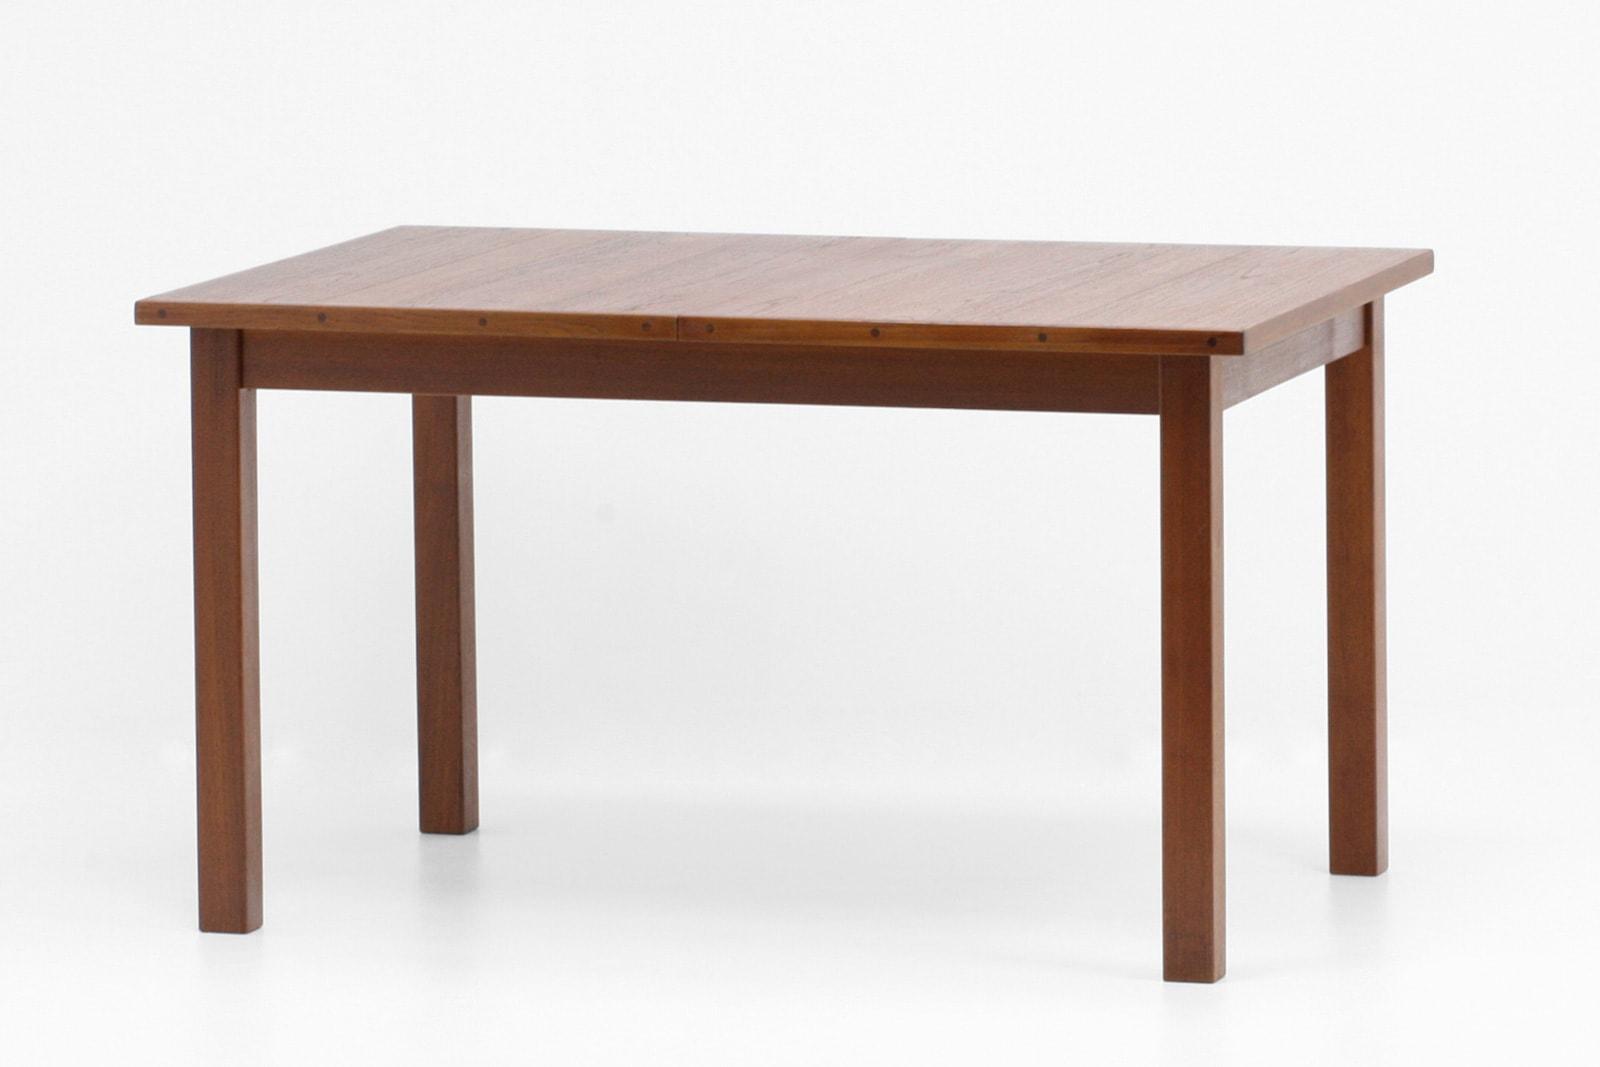 北欧,ダイニングテーブル,角脚,四角,ヴィンテージ,家具